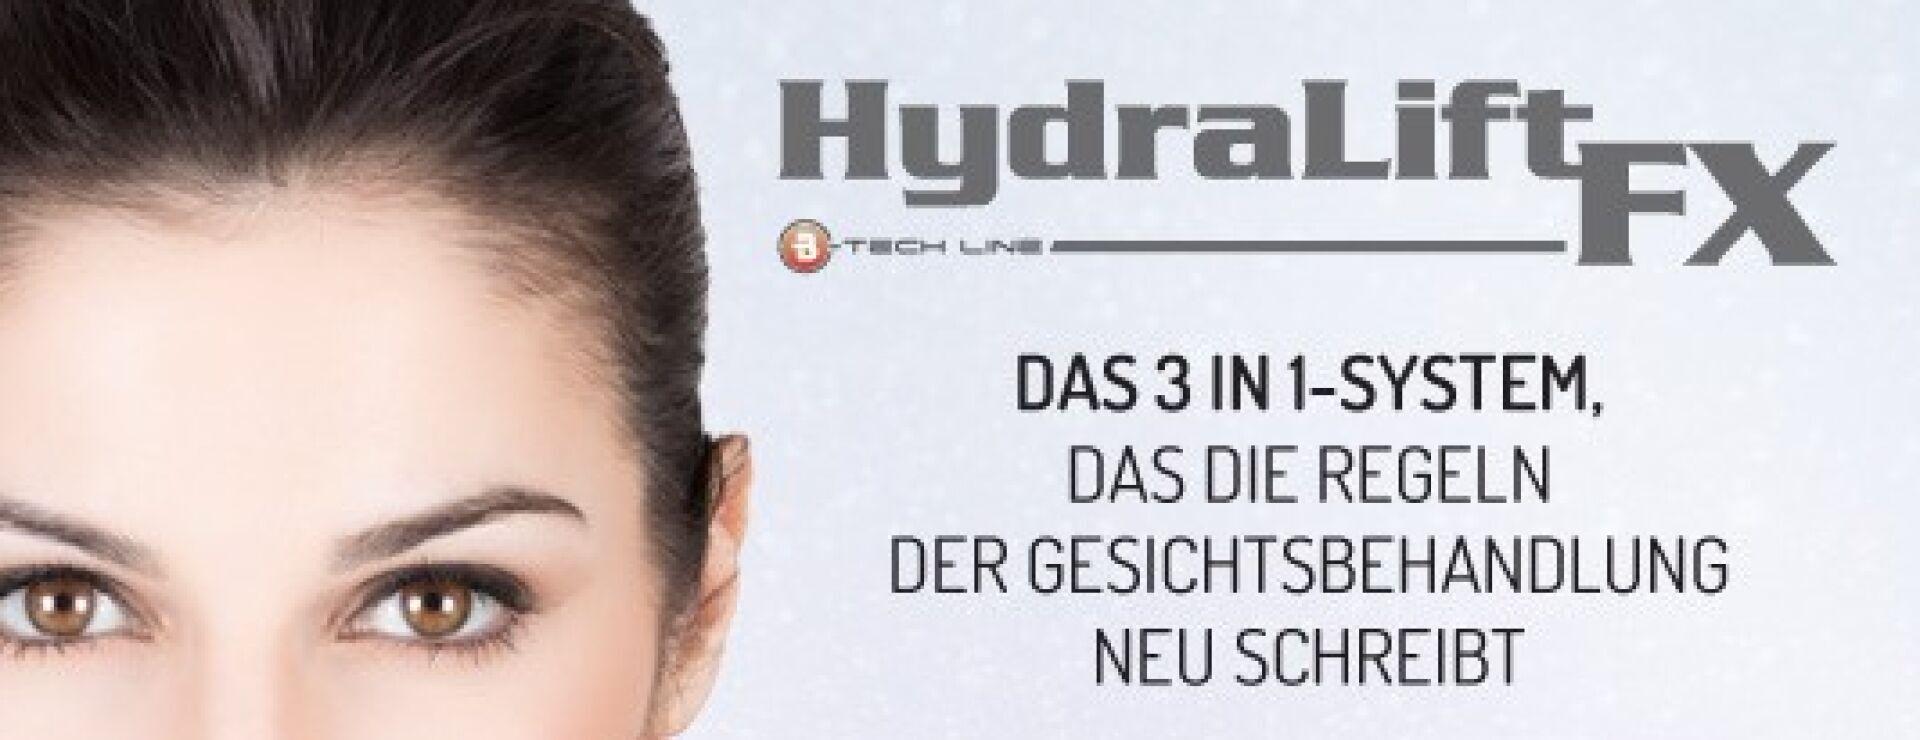 Hydralift FX